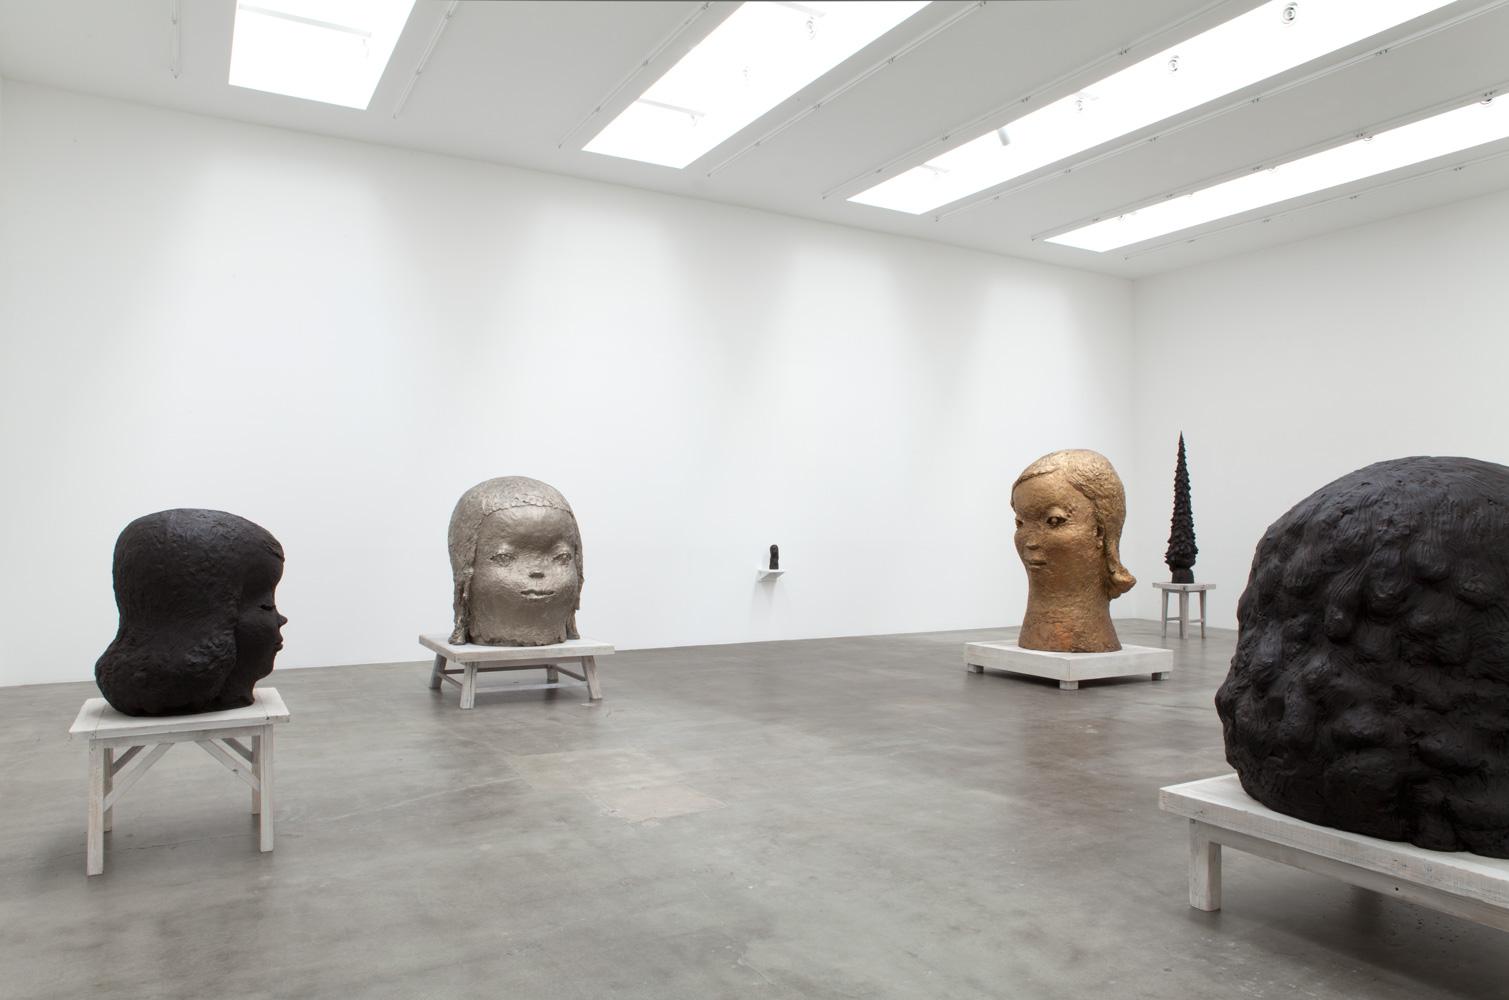 مجسمه سازی در ژاپن معاصر